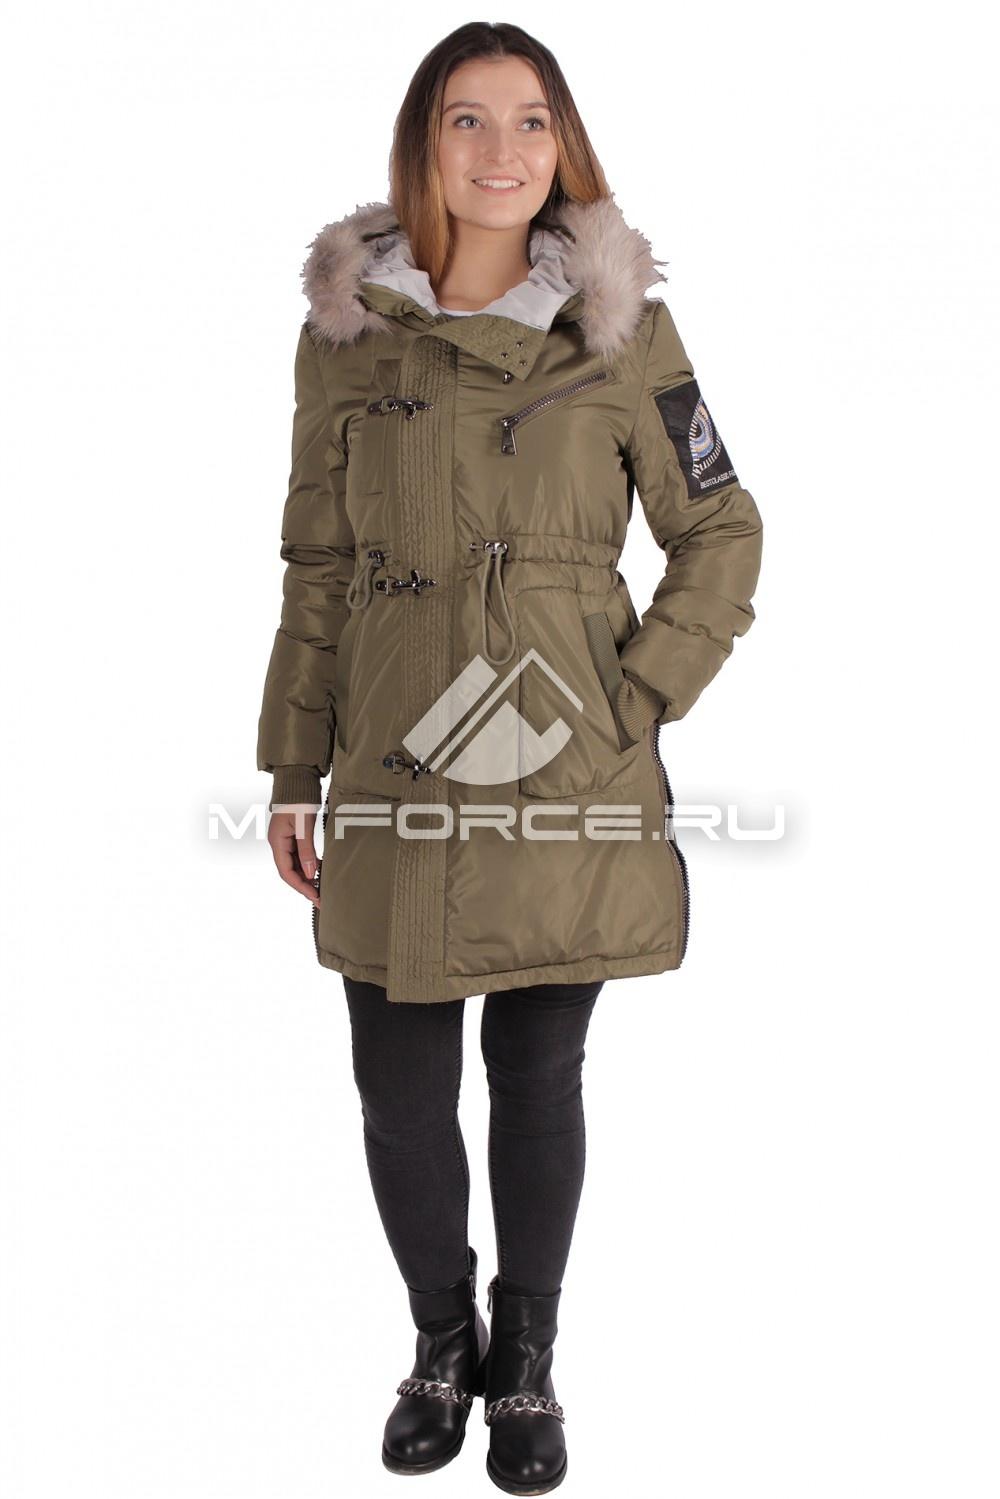 Купить                                  оптом Куртка парка женская зимняя ПИСК сезона цвета хаки 16059Kh